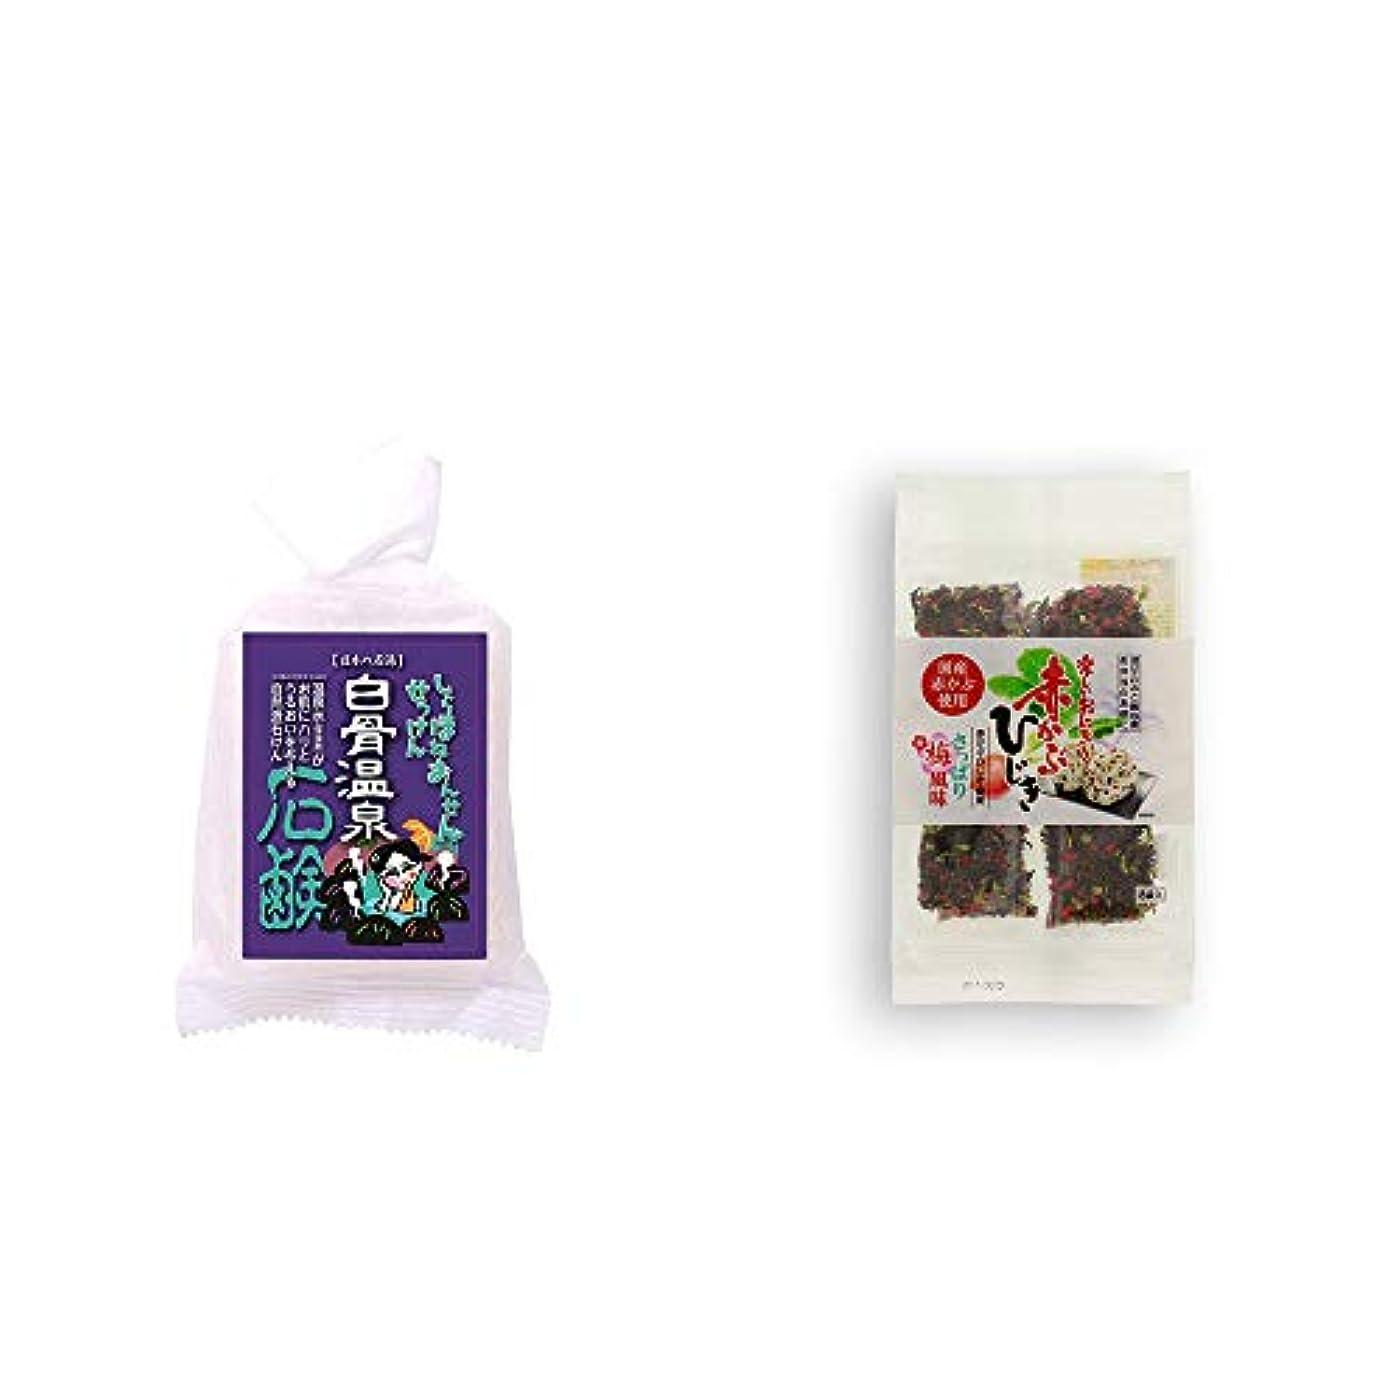 天の正気ジレンマ[2点セット] 信州 白骨温泉石鹸(80g)?楽しいおにぎり 赤かぶひじき(8g×8袋)